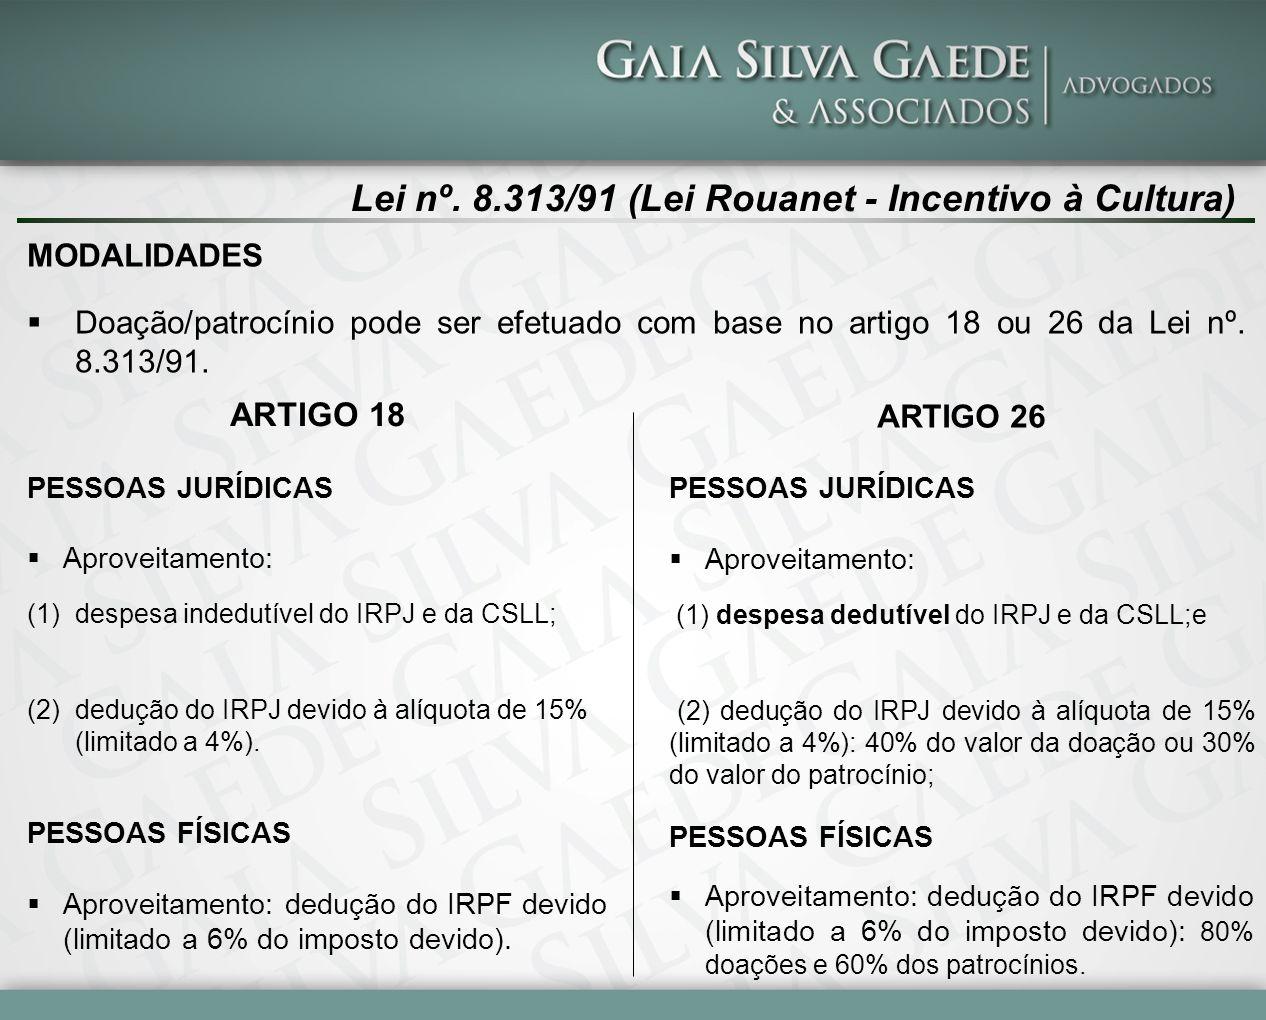 Lei nº. 8.313/91 (Lei Rouanet - Incentivo à Cultura)